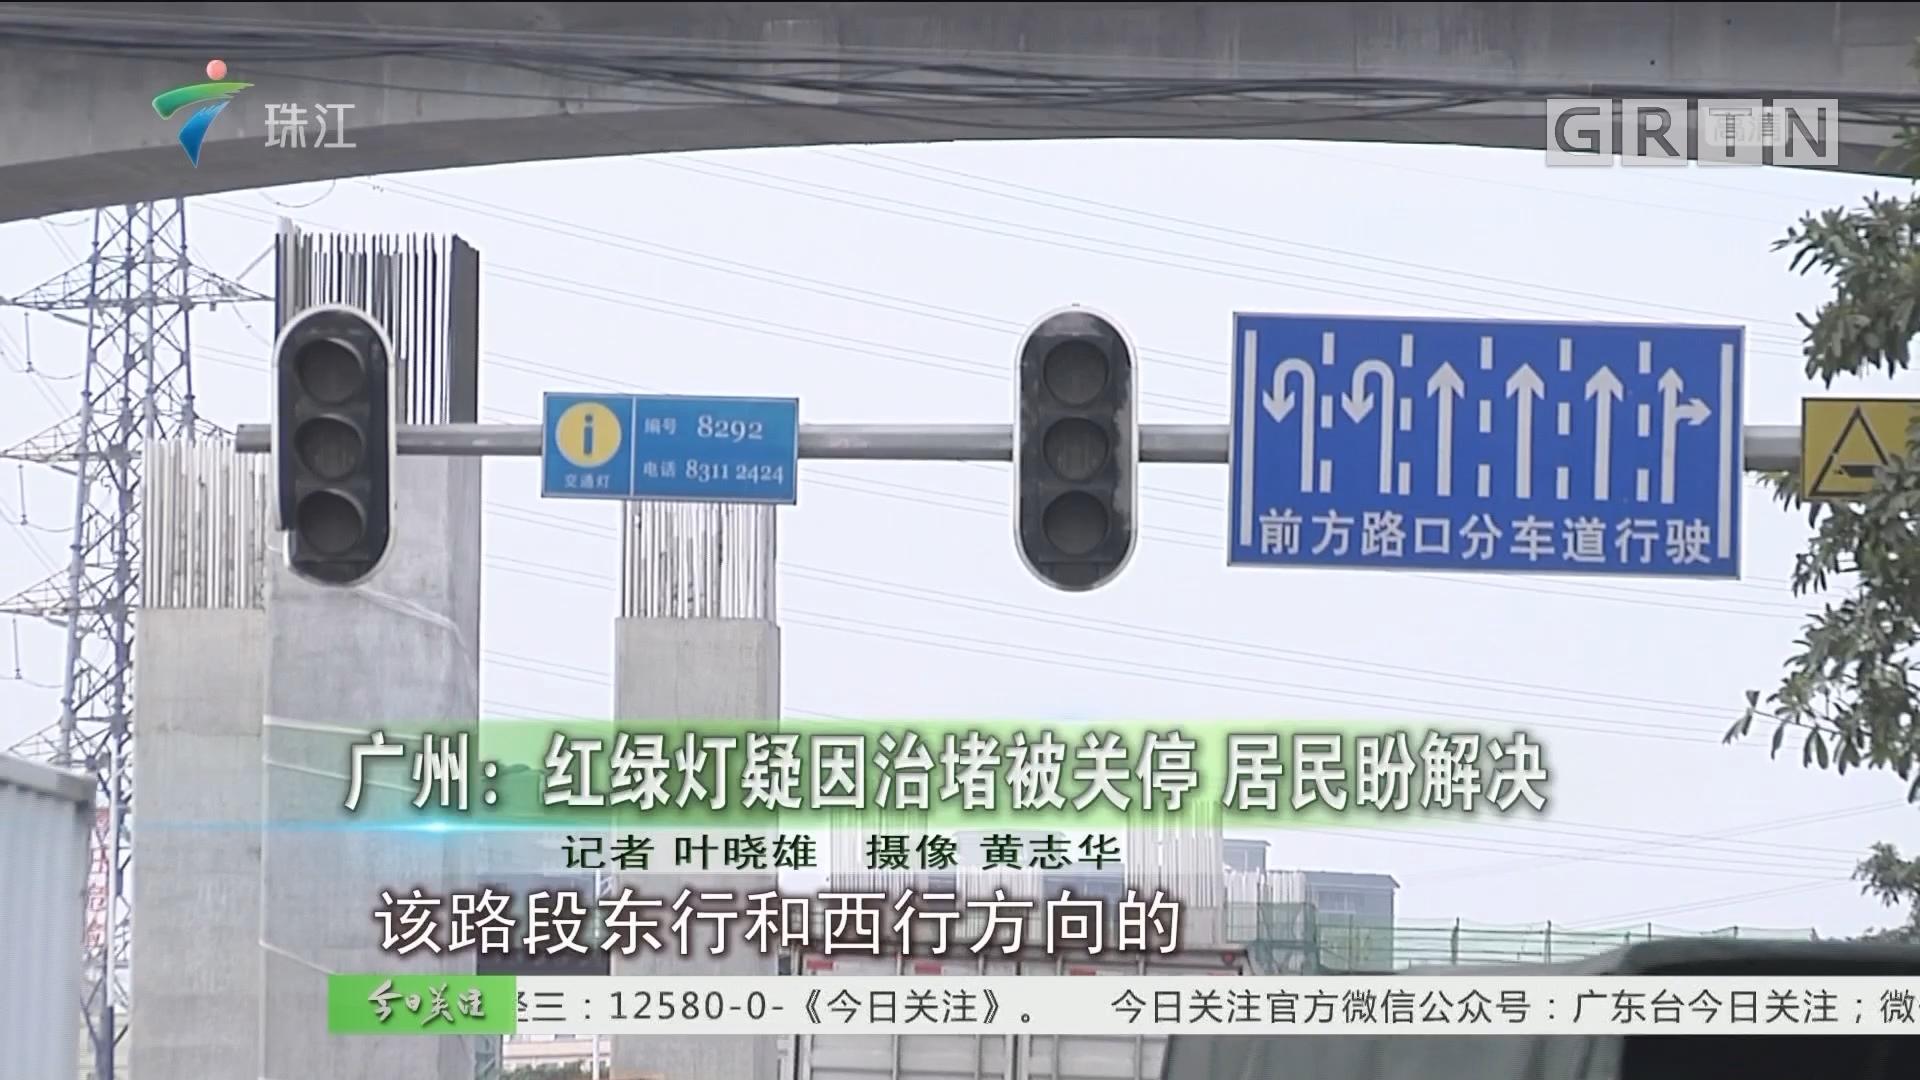 广州:红绿灯疑因治堵被关停 居民盼解决